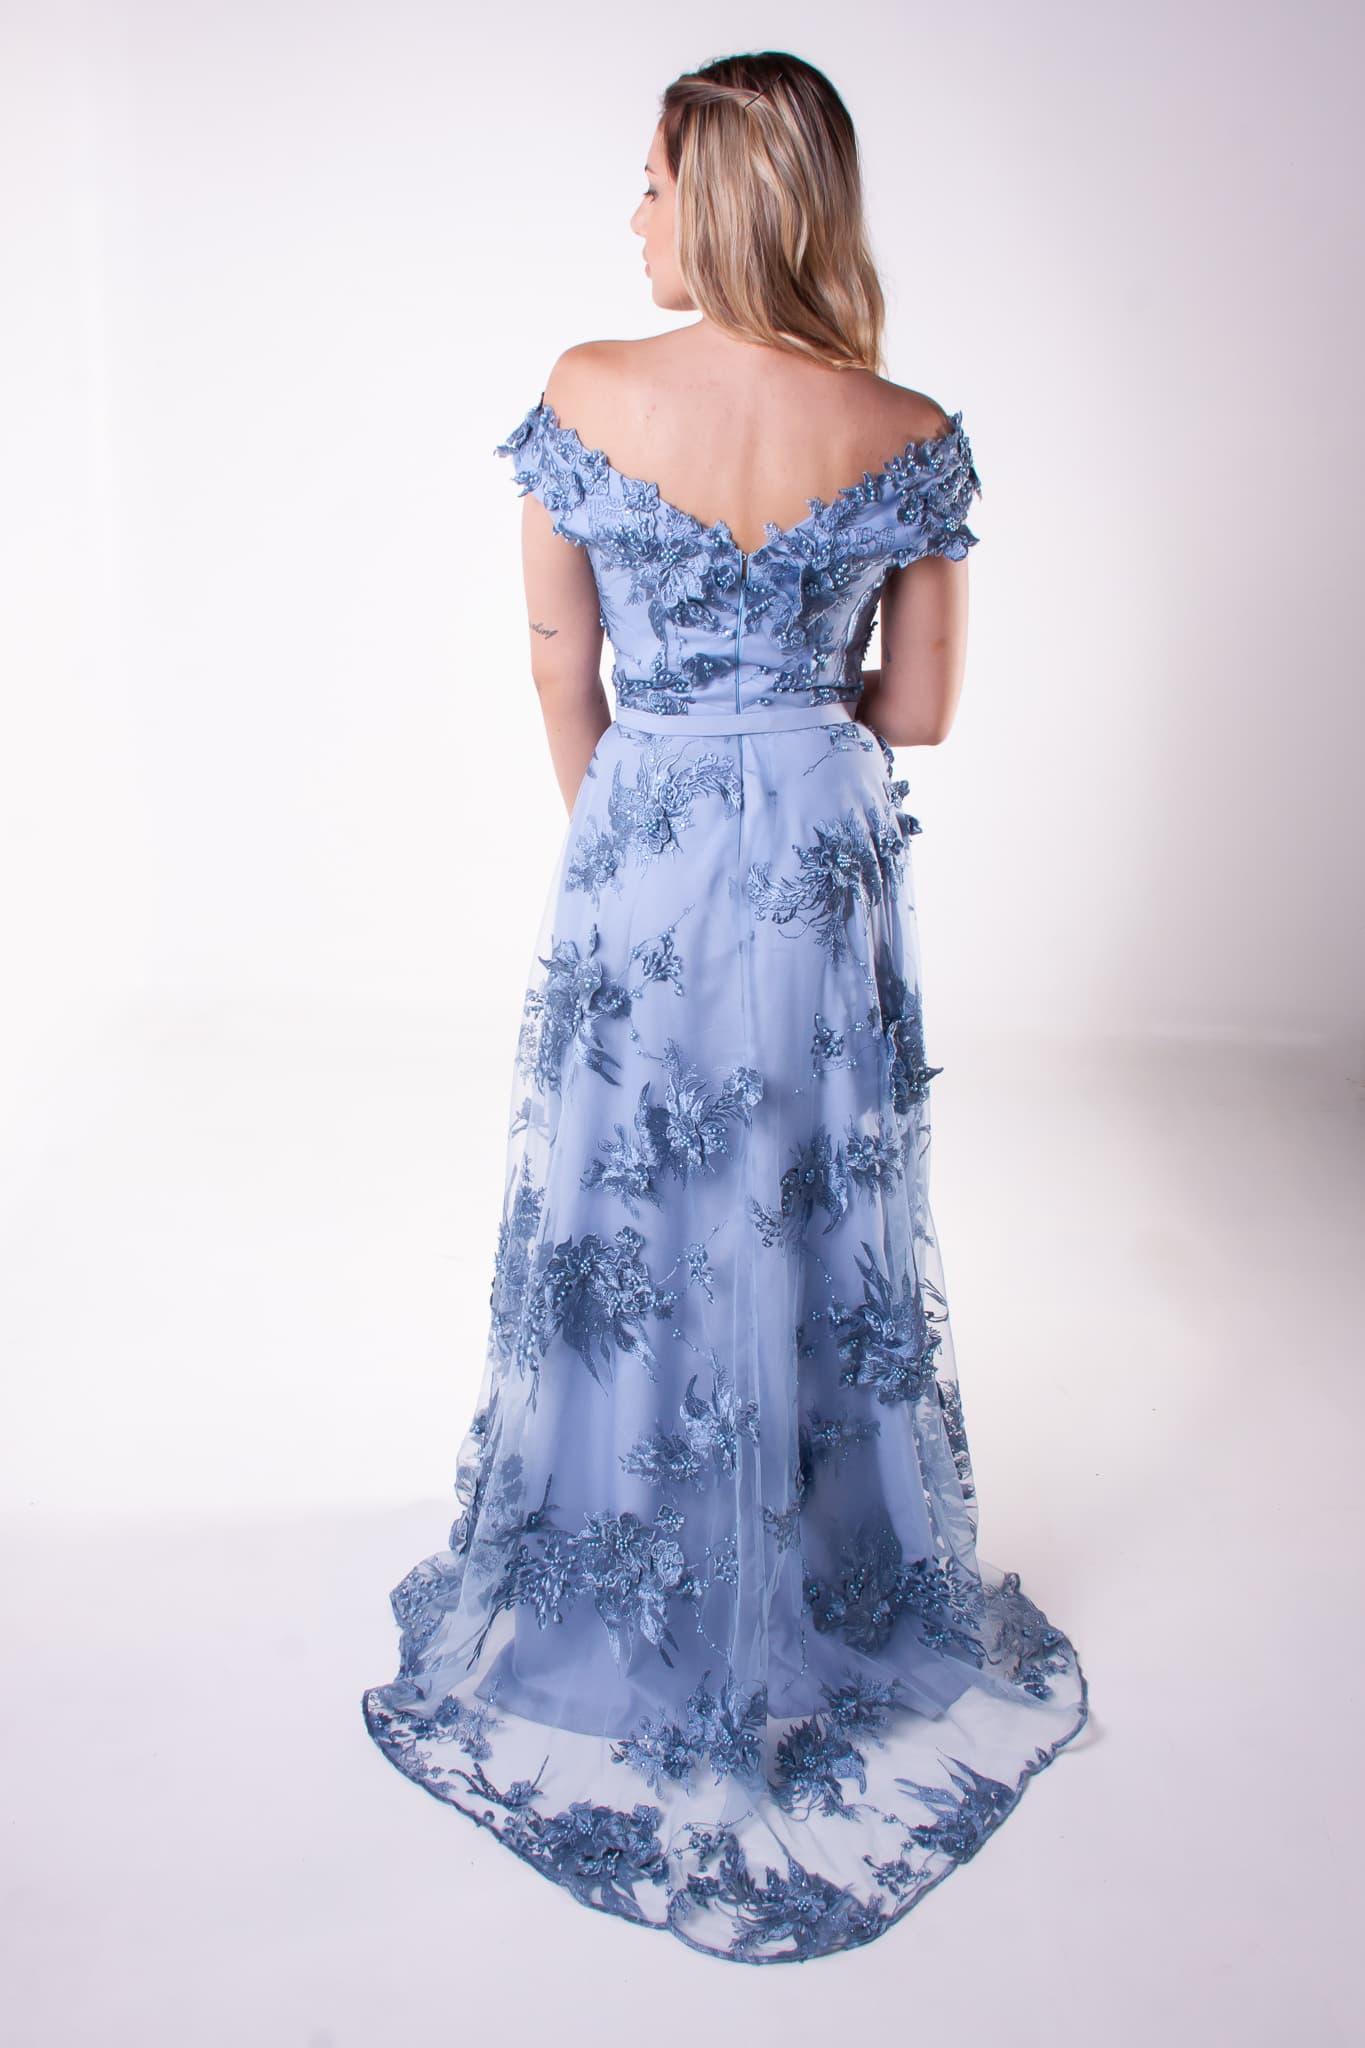 45 - Vestido azul serenity de renda ombro a ombro